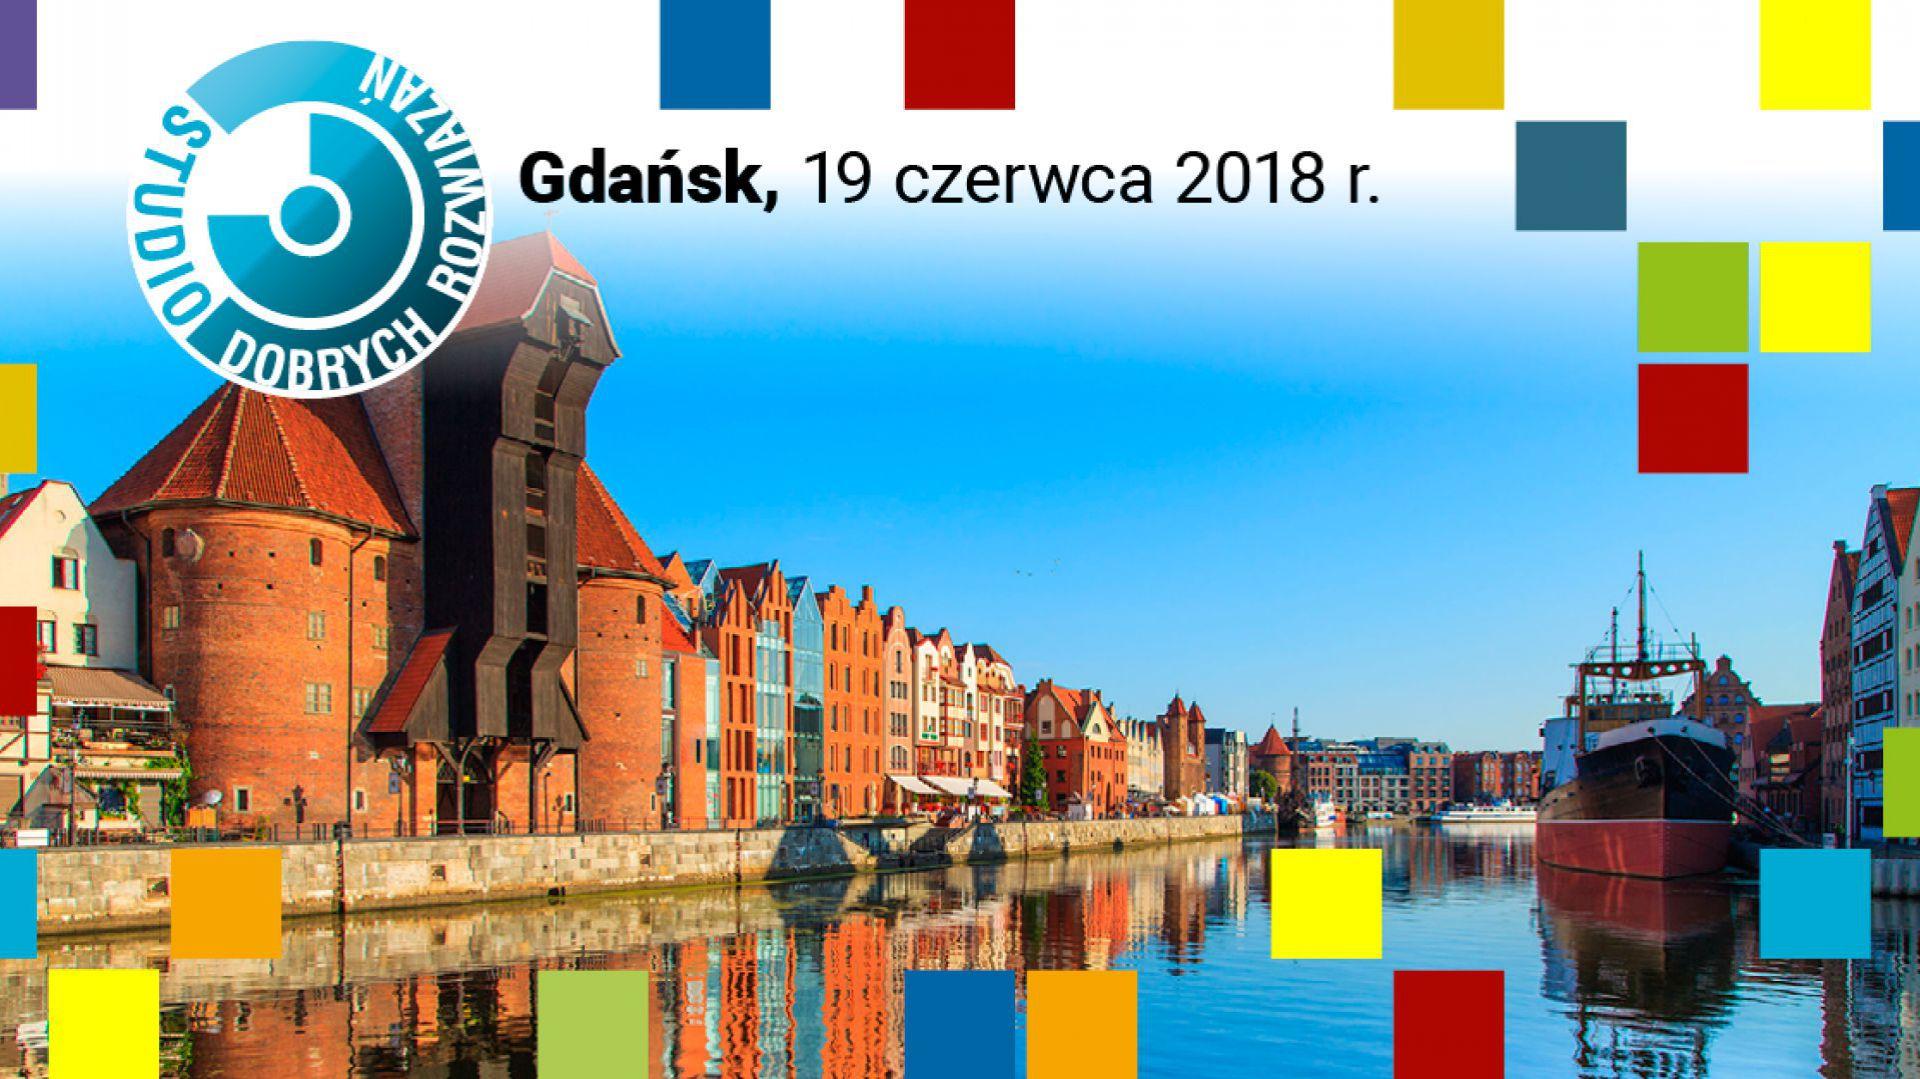 SDR Gdansk.jpg